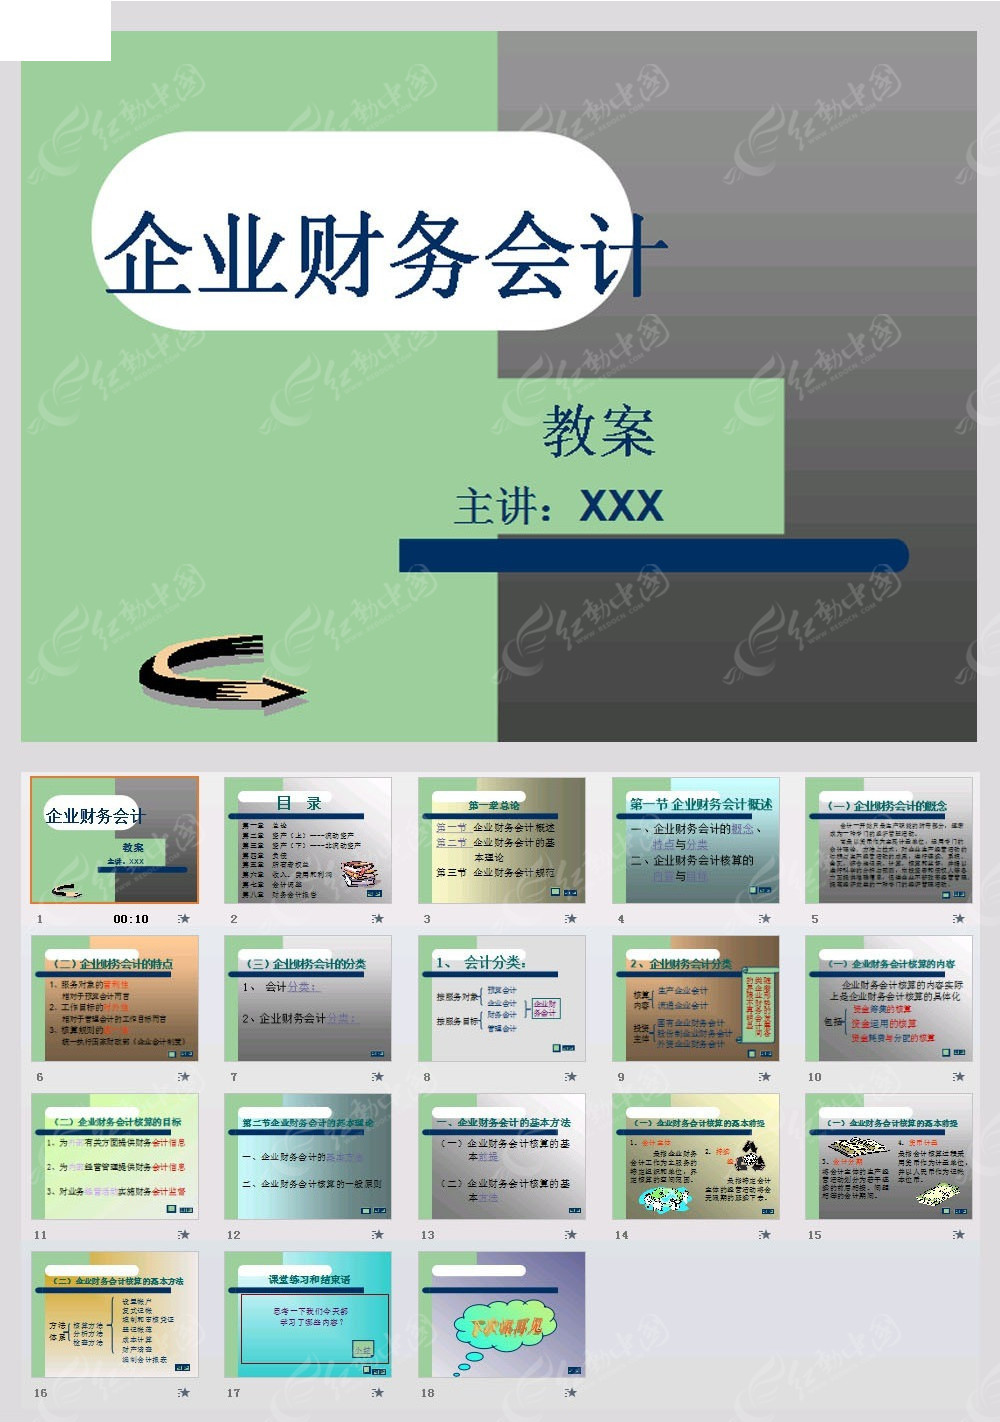 企业财务会计教案ppt模板免费下载_金融理财素材图片